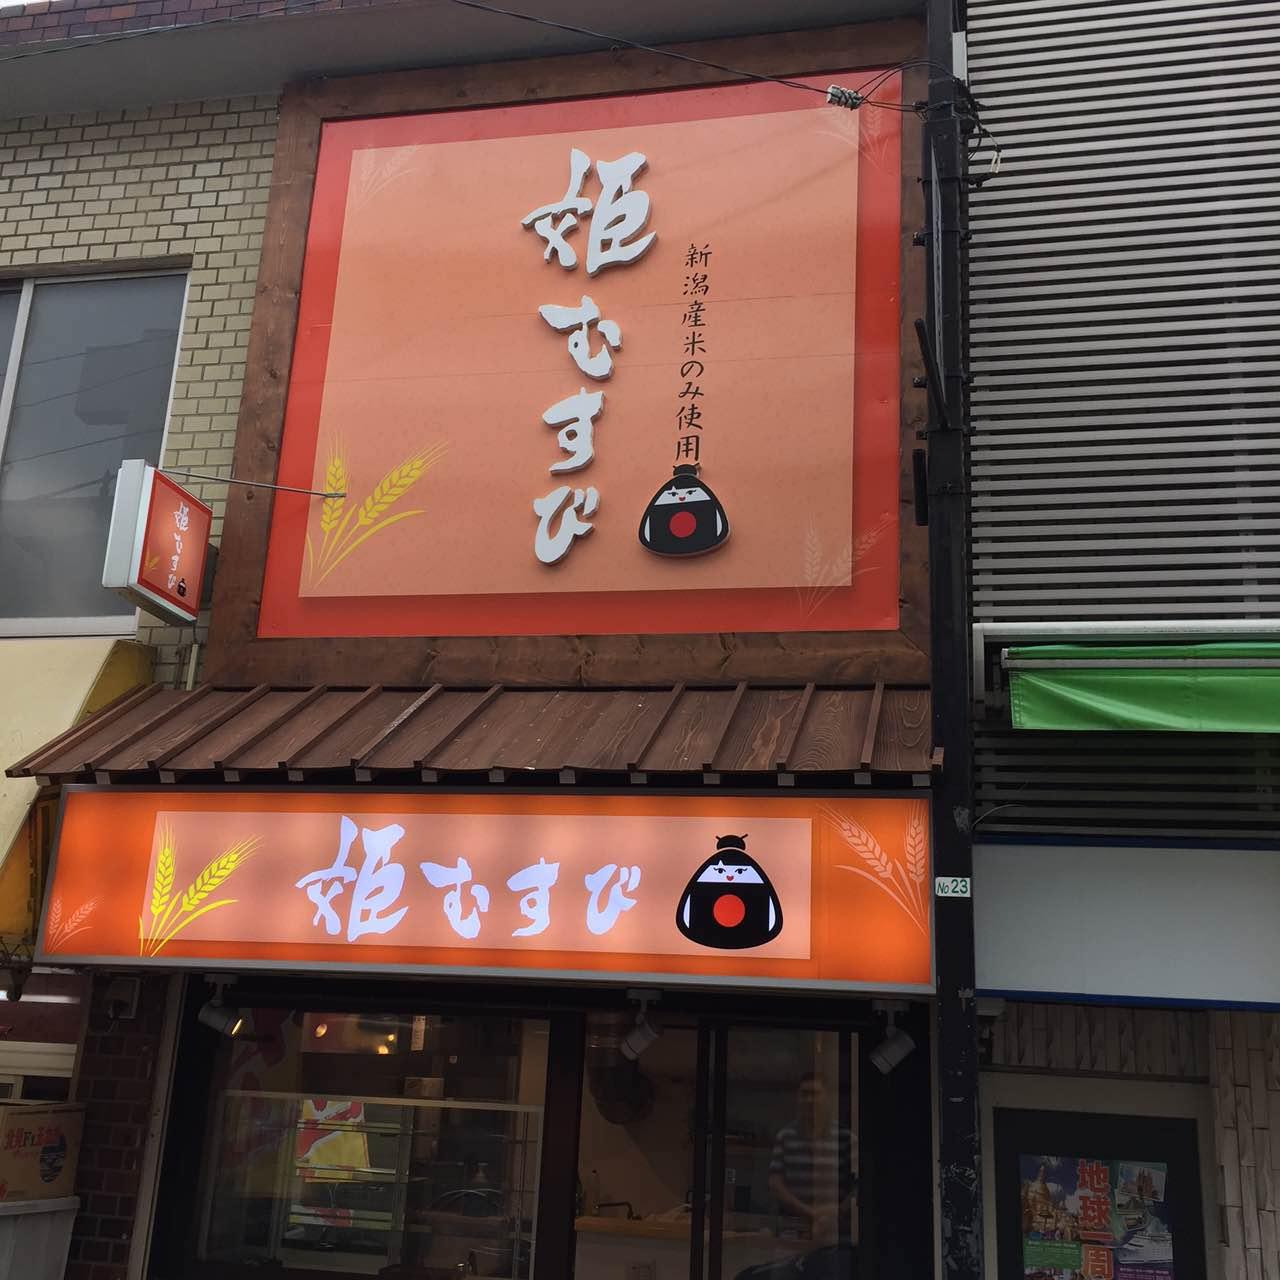 飲食店看板-プレート看板-電飾壁面看板-袖看板